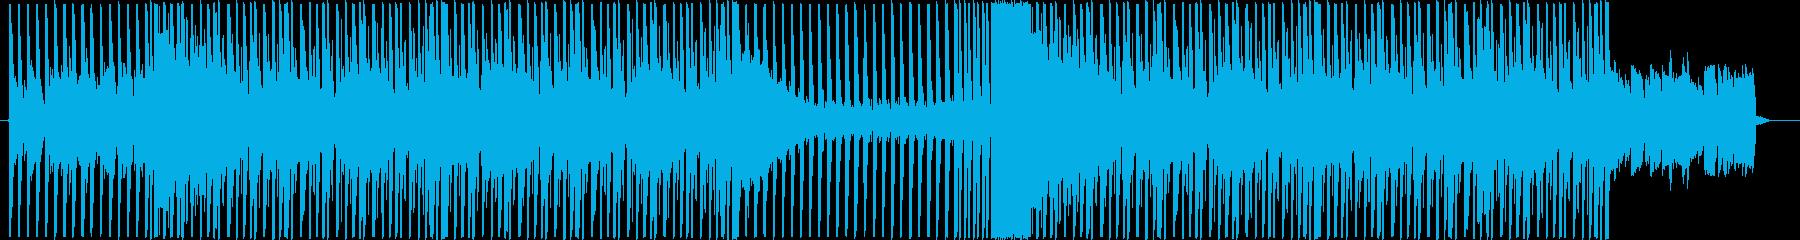 怪しく奇抜な雰囲気のエレクトロの再生済みの波形